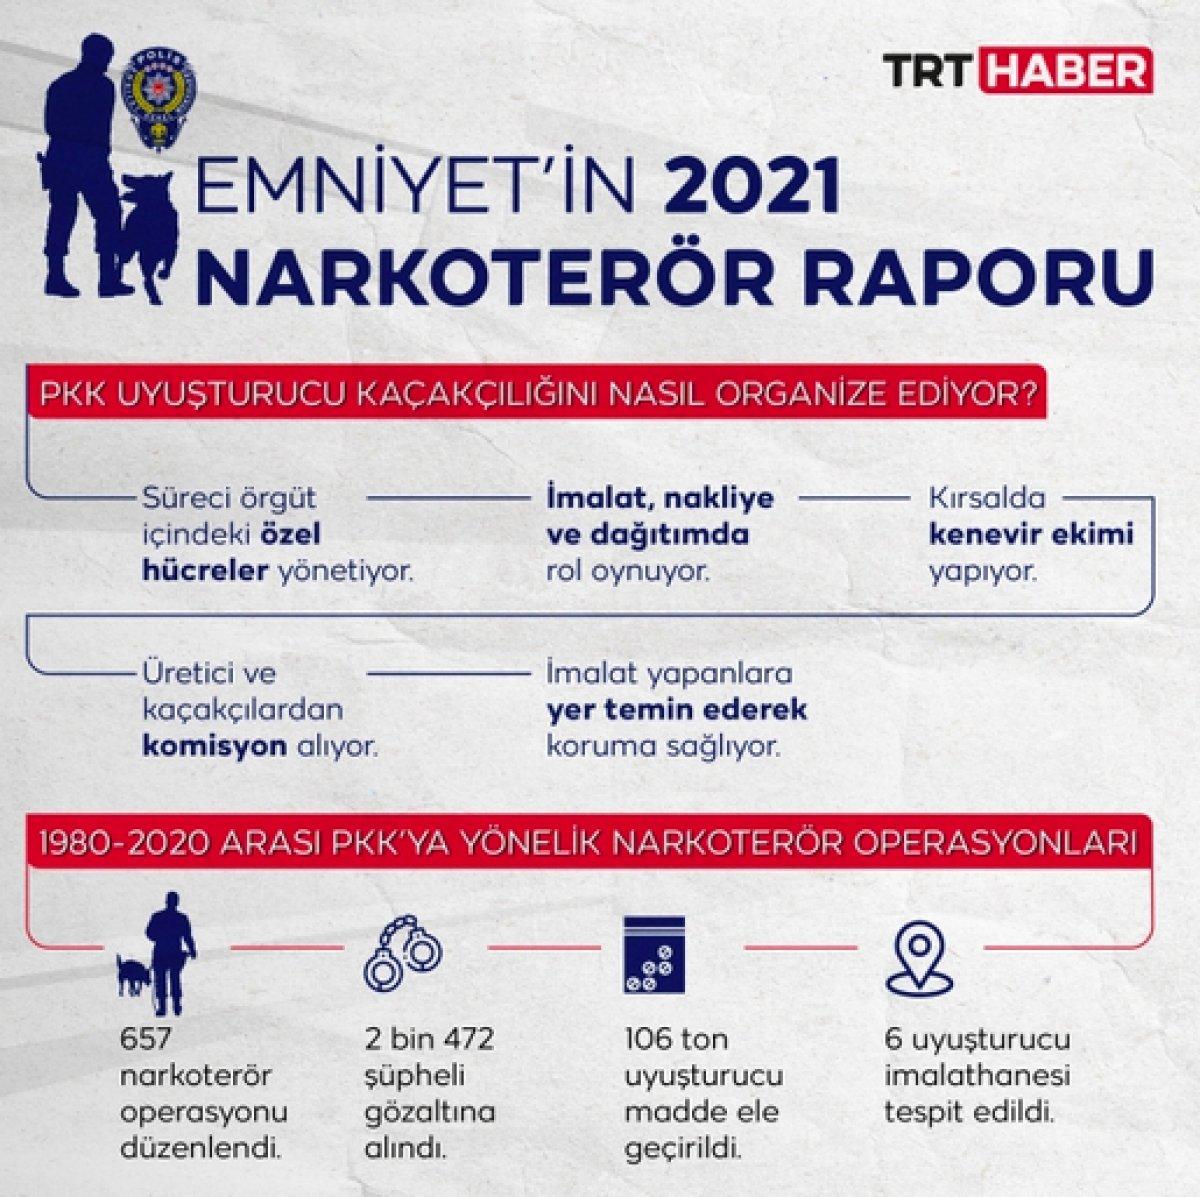 Emniyet Genel Müdürlüğü nün 2021 narko terör raporu #1